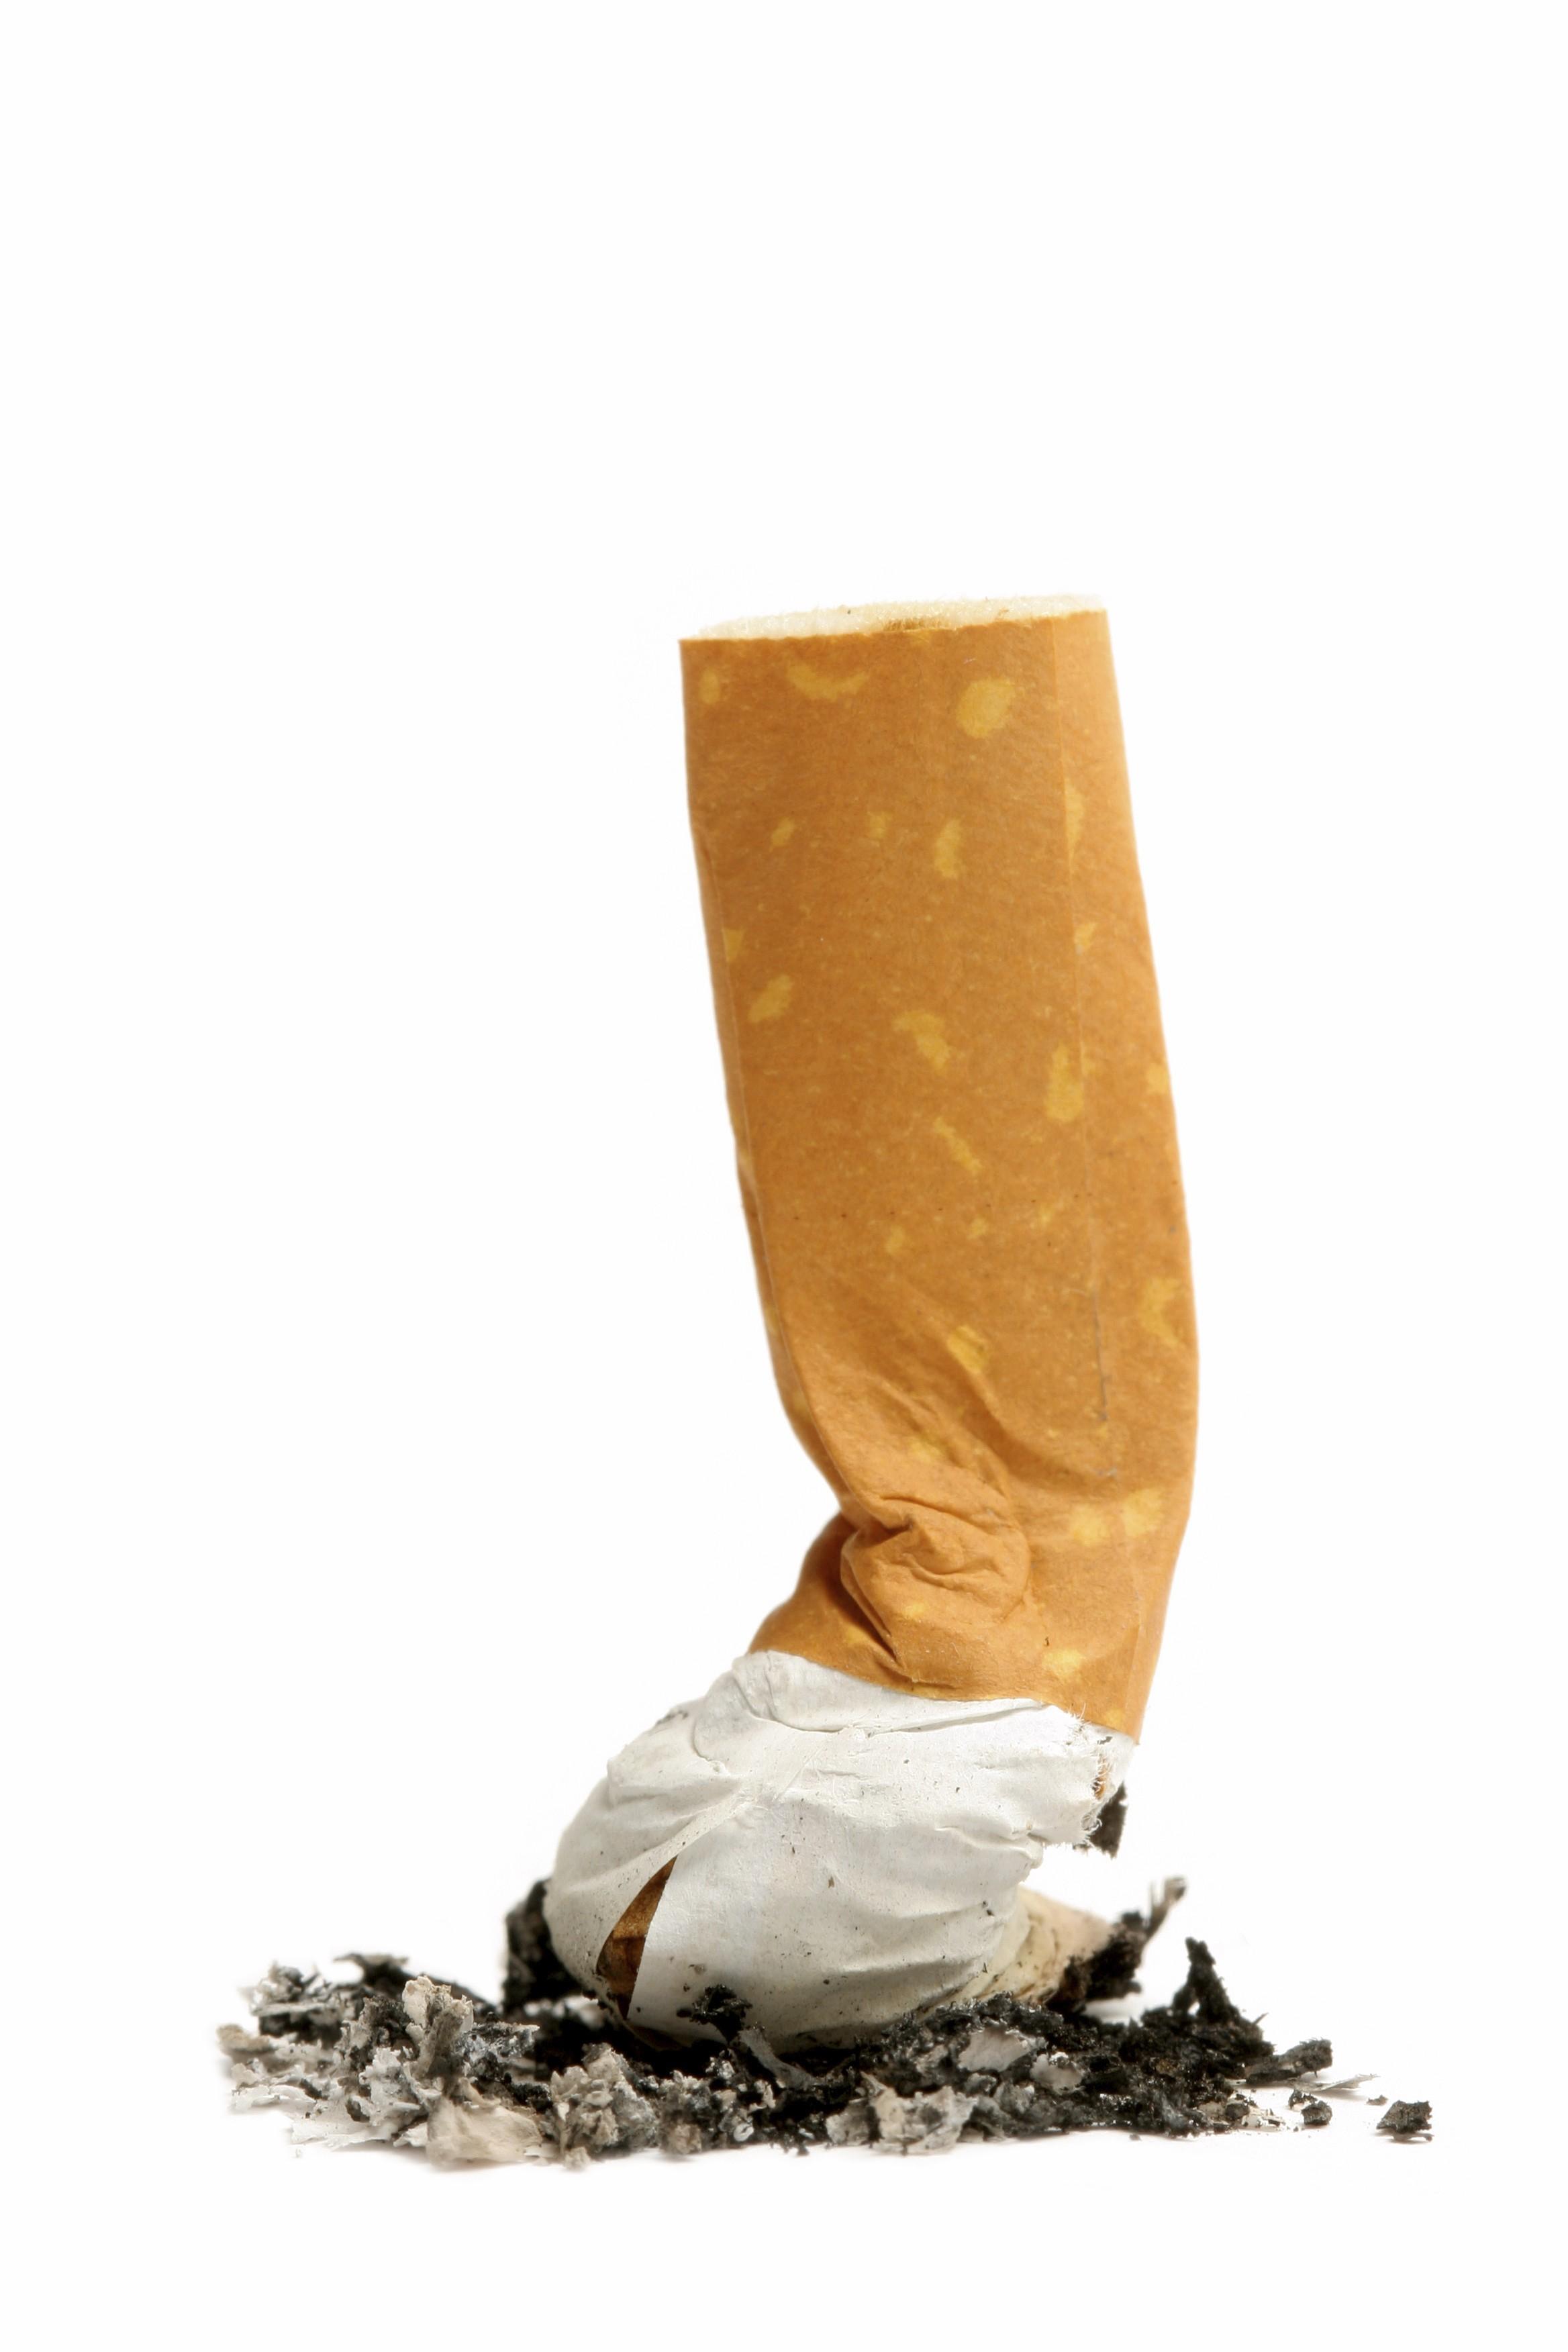 Rauchen aufhören mit Hypnose / Hypnotherapie (Bildquelle: arizonahealthspot.com)